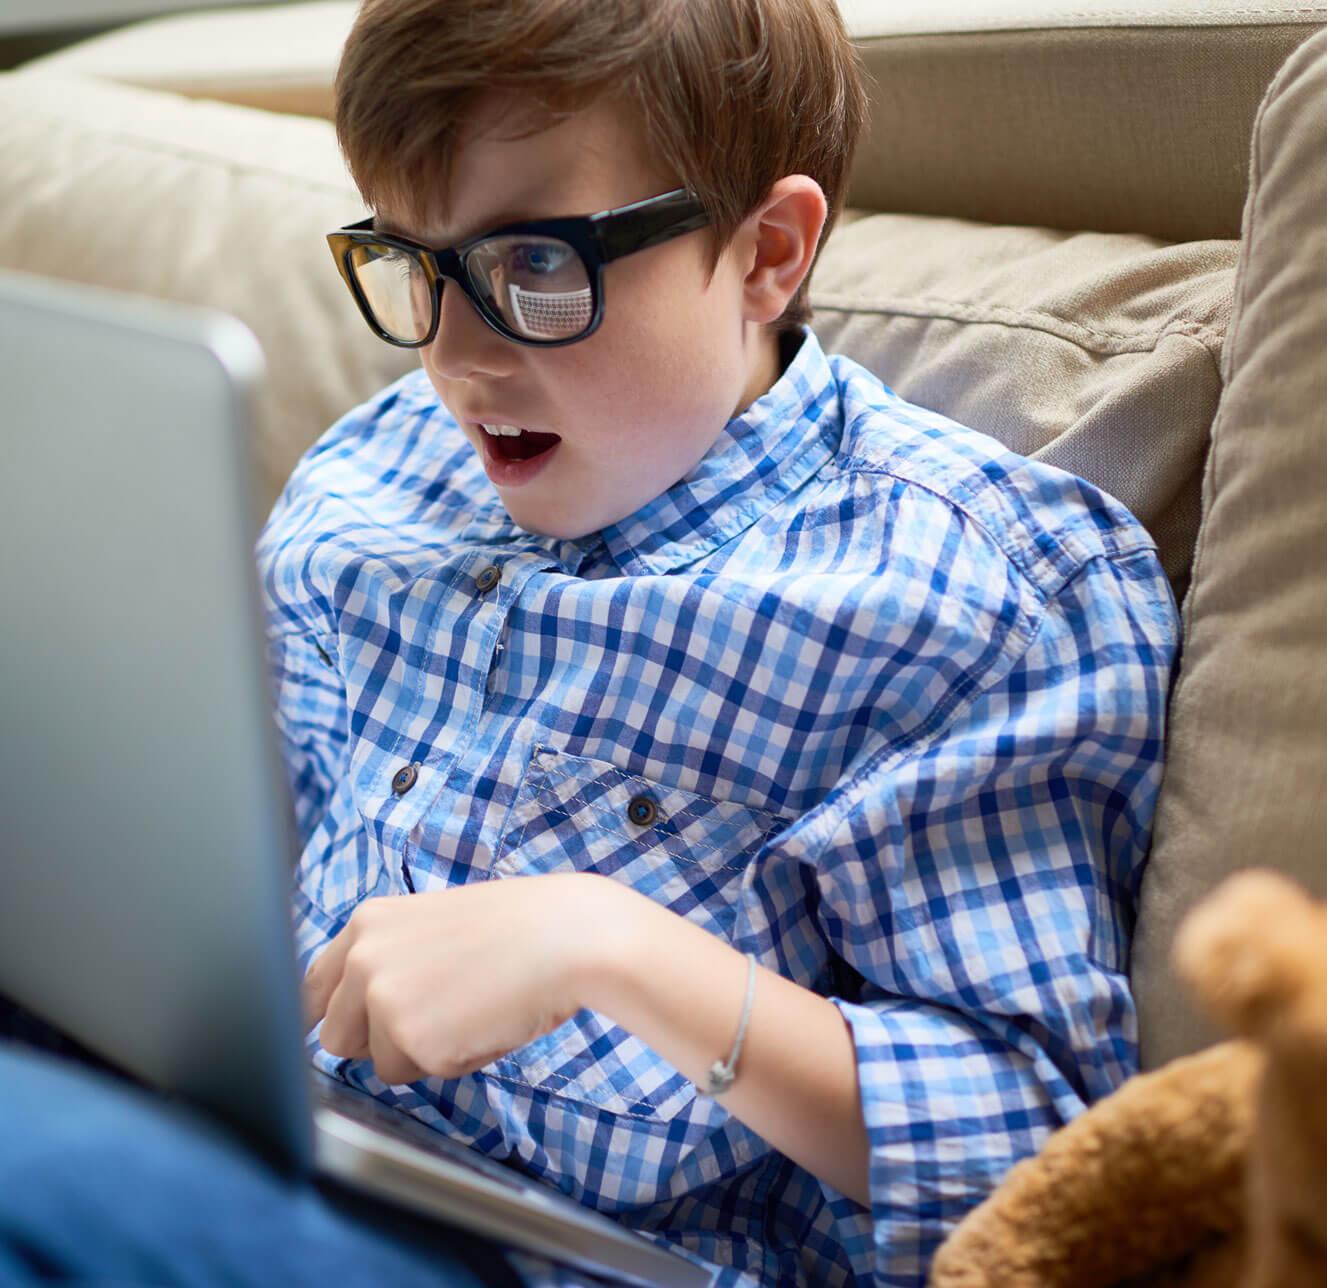 Boy-glasses-teddy2